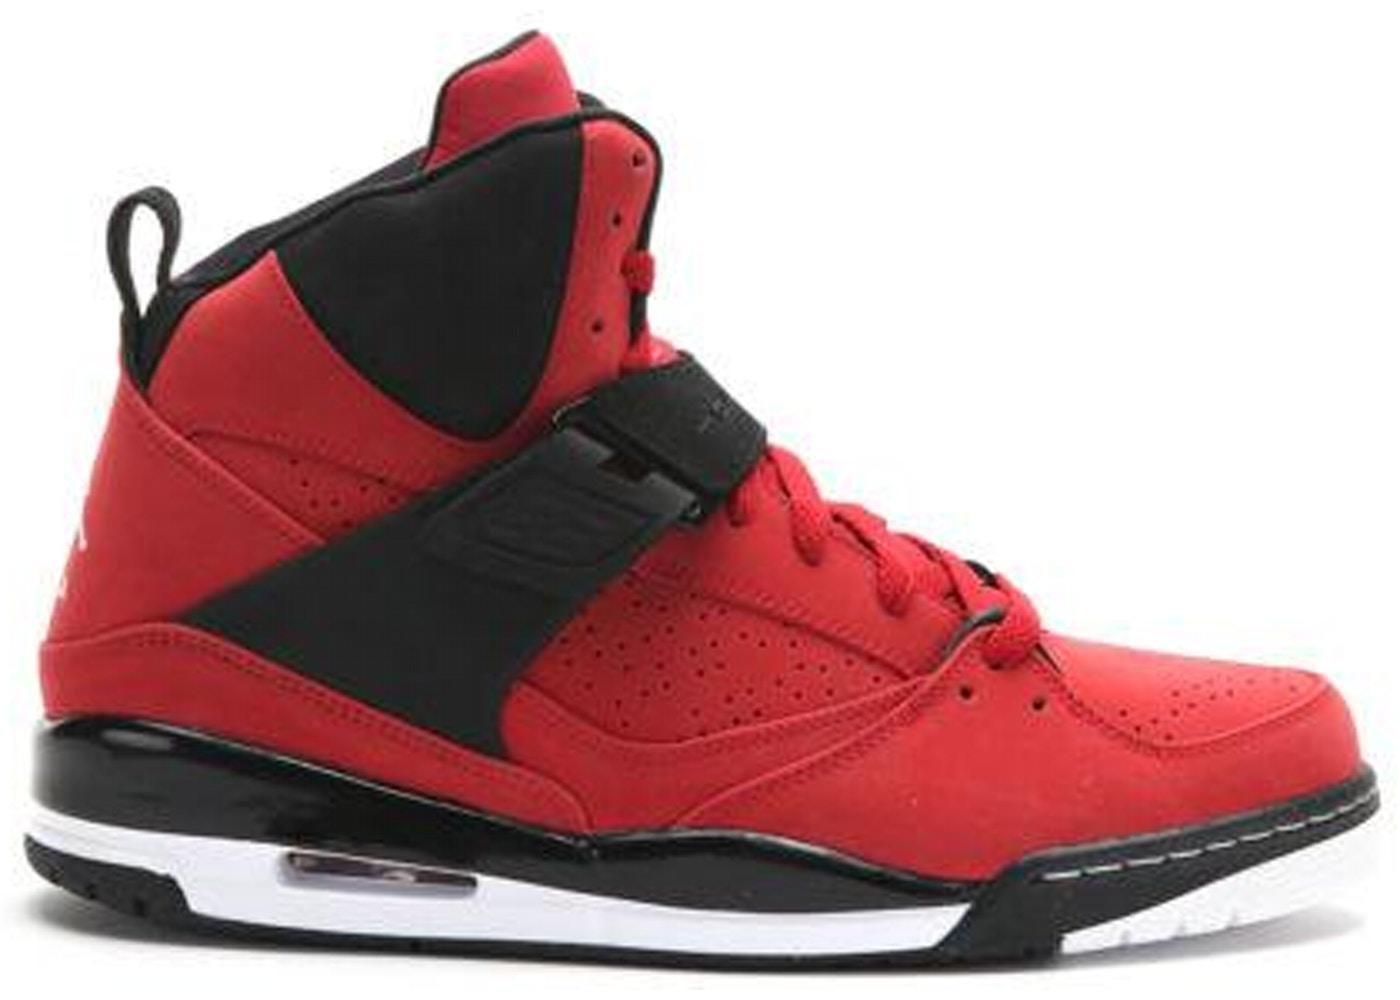 Jordan Flight 45 High Varsity Red Black - 384519-601